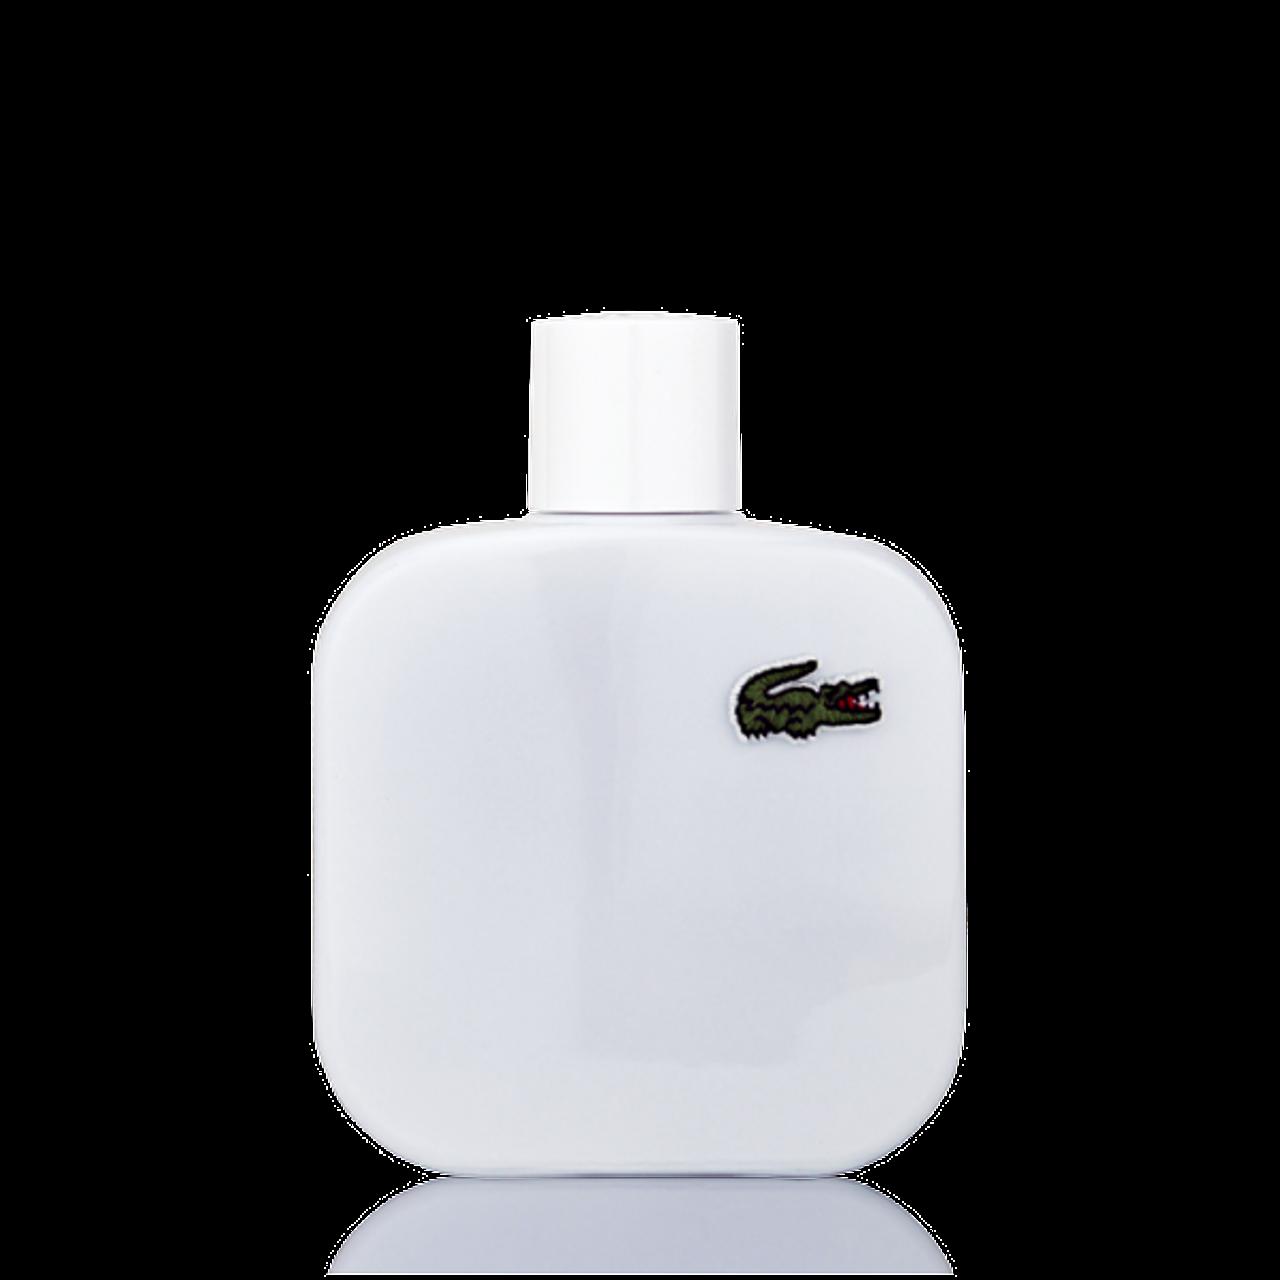 Lacoste Eau de Lacoste L.12.12. Blanc EdT 100ml